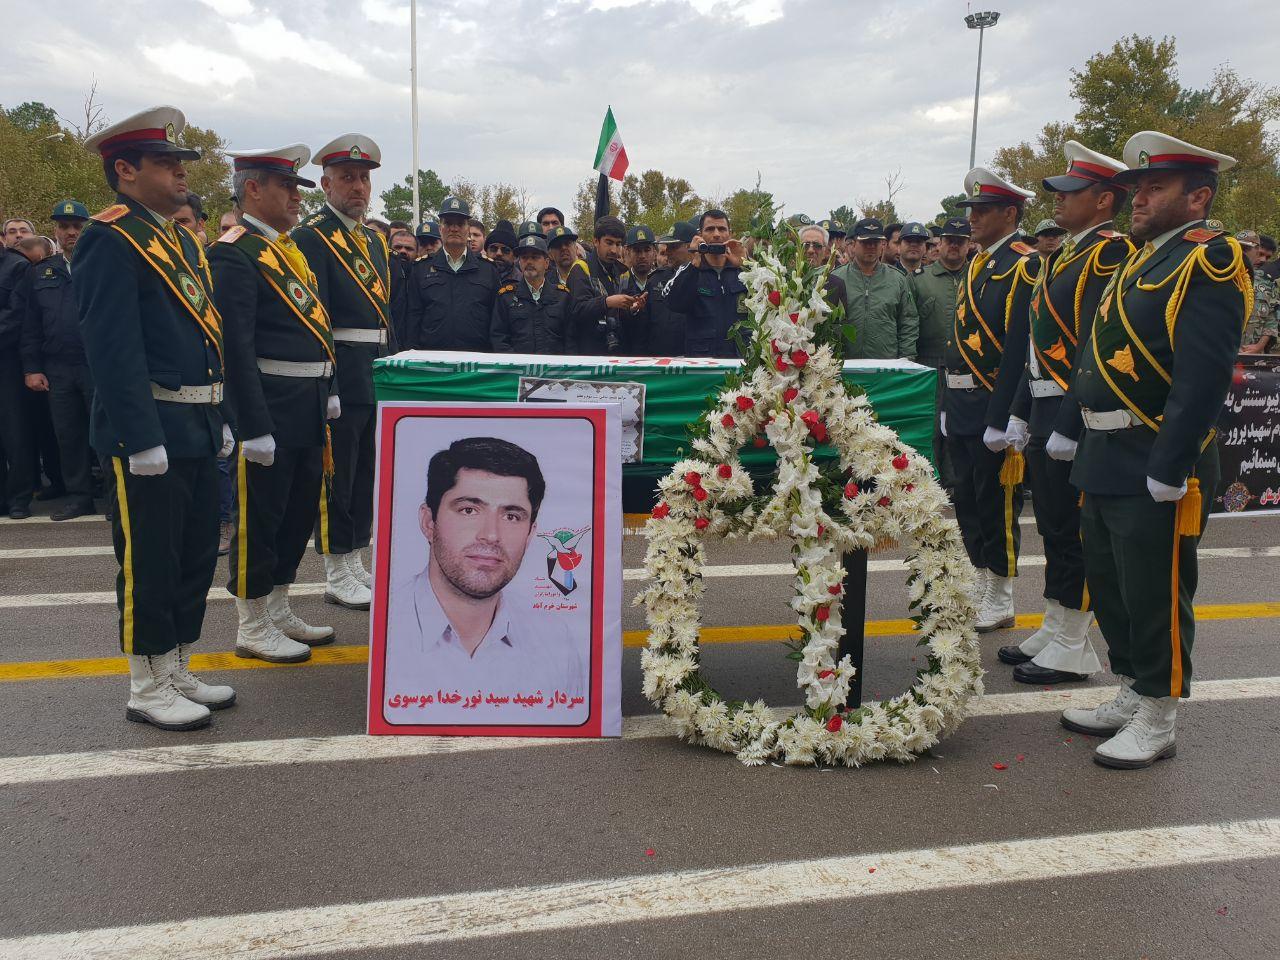 آغاز مراسم تشییع و خاکسپاری شهید زنده وطن در خرمآباد + فیلم و عکس